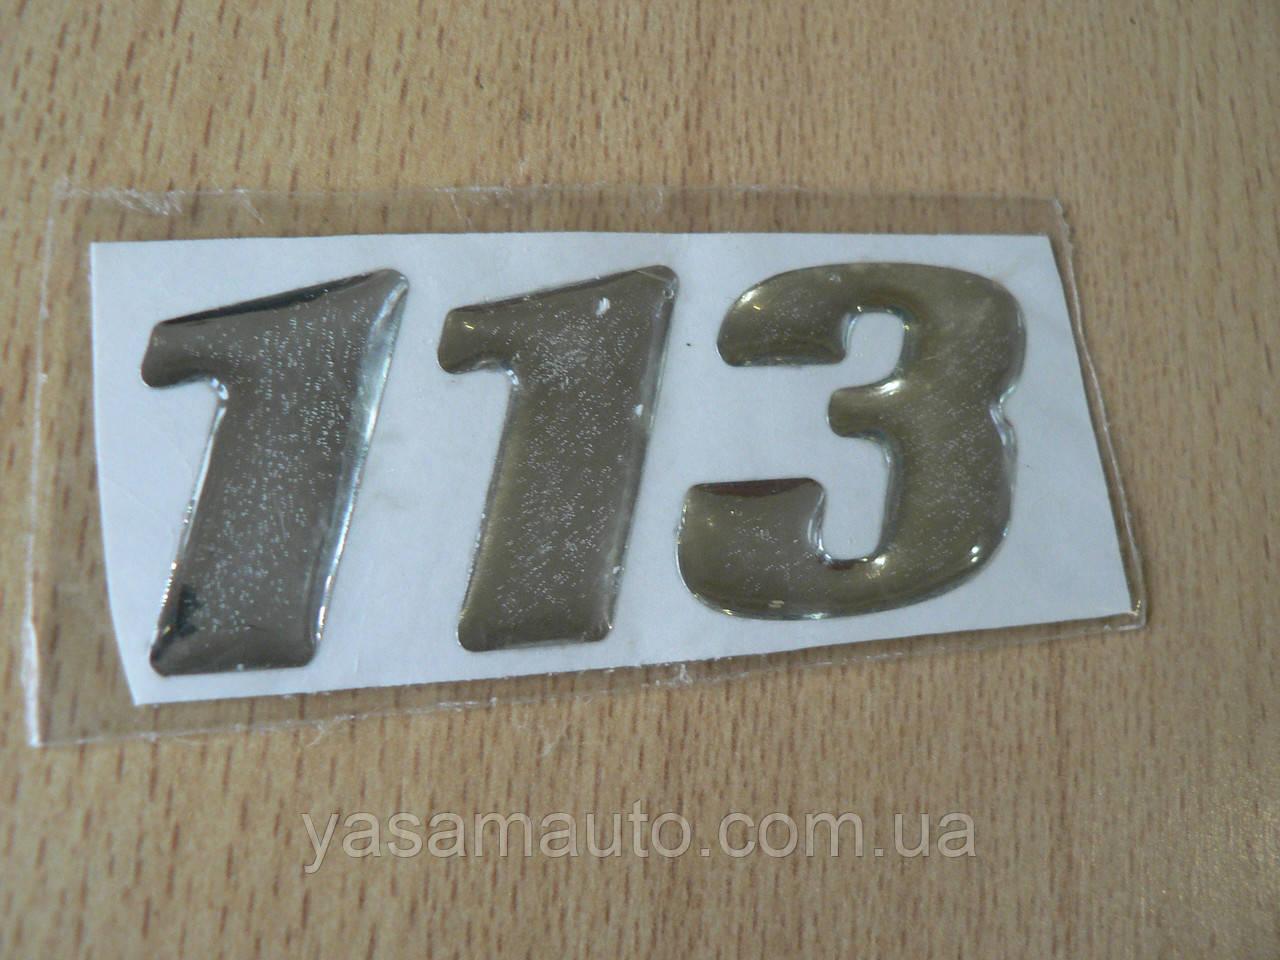 Наклейка s орнамент цифры 113 70х29мм Mercedes - Benz Vito 113 CDI силиконовая на авто Мерседес Бенц Вито СДИ